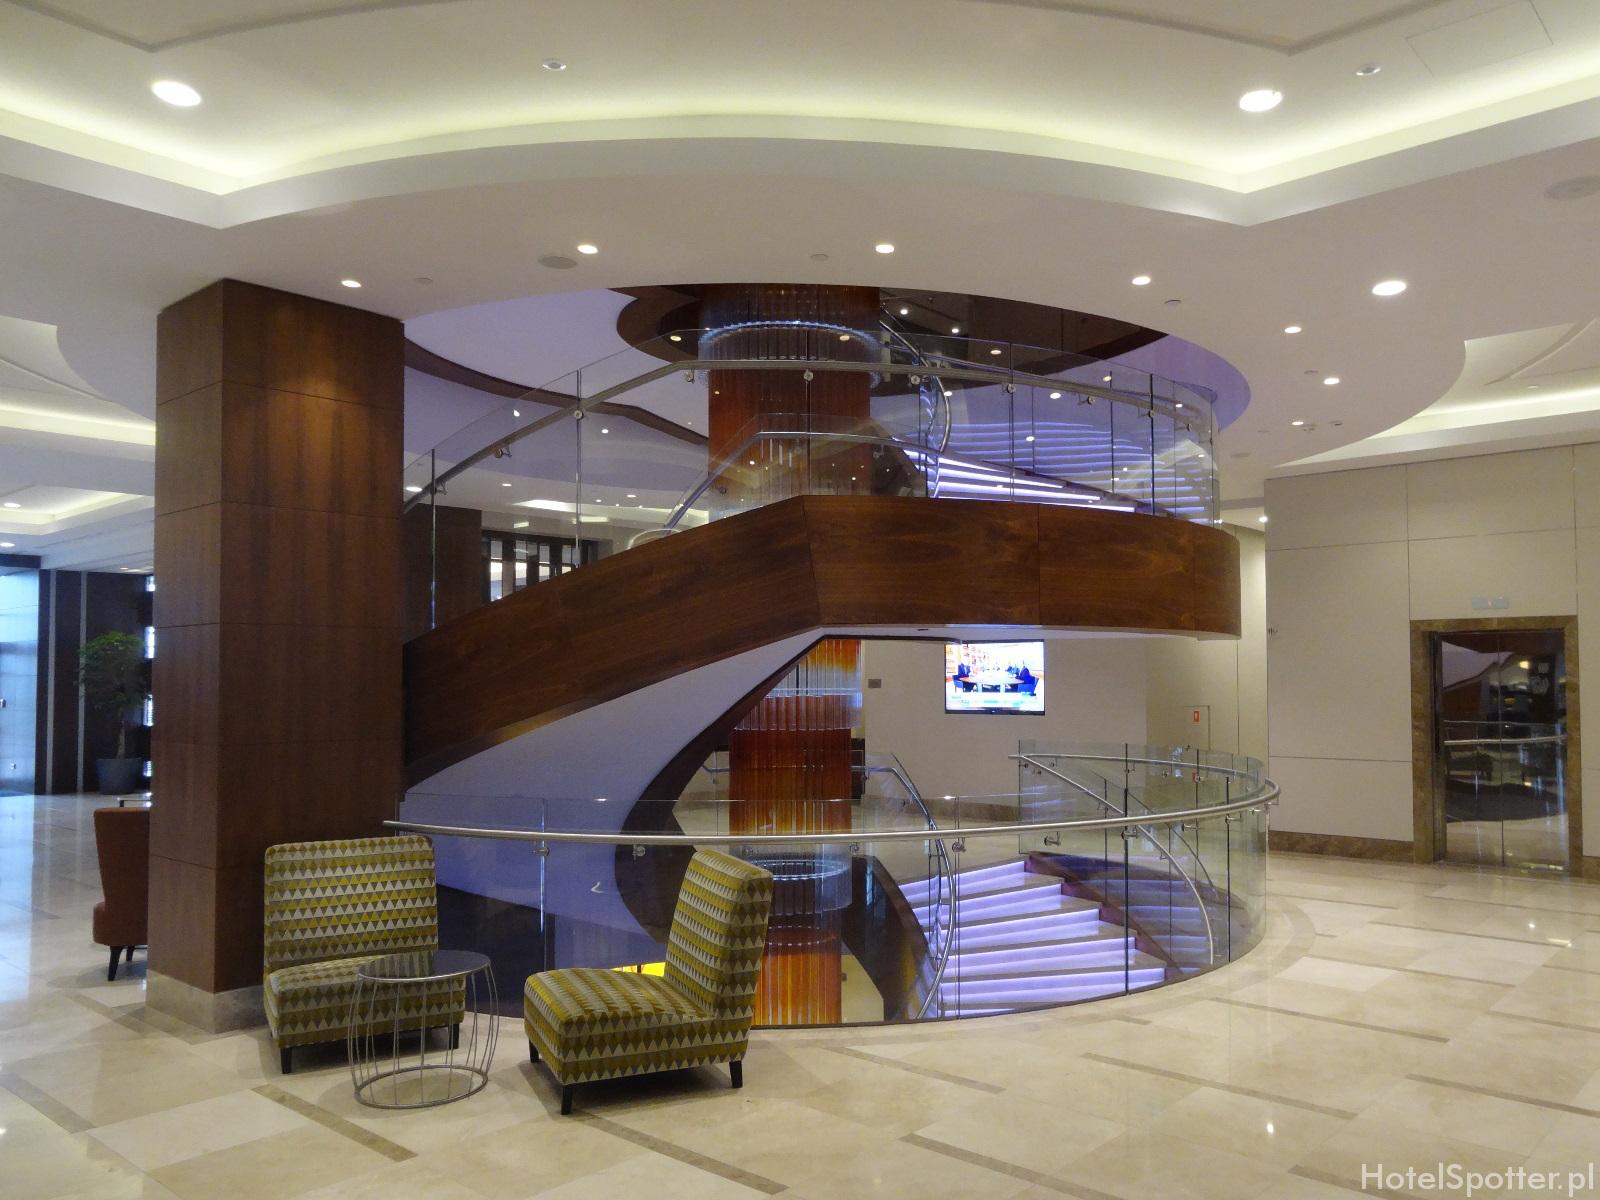 DoubleTree by Hilton Warsaw - schody w lobby